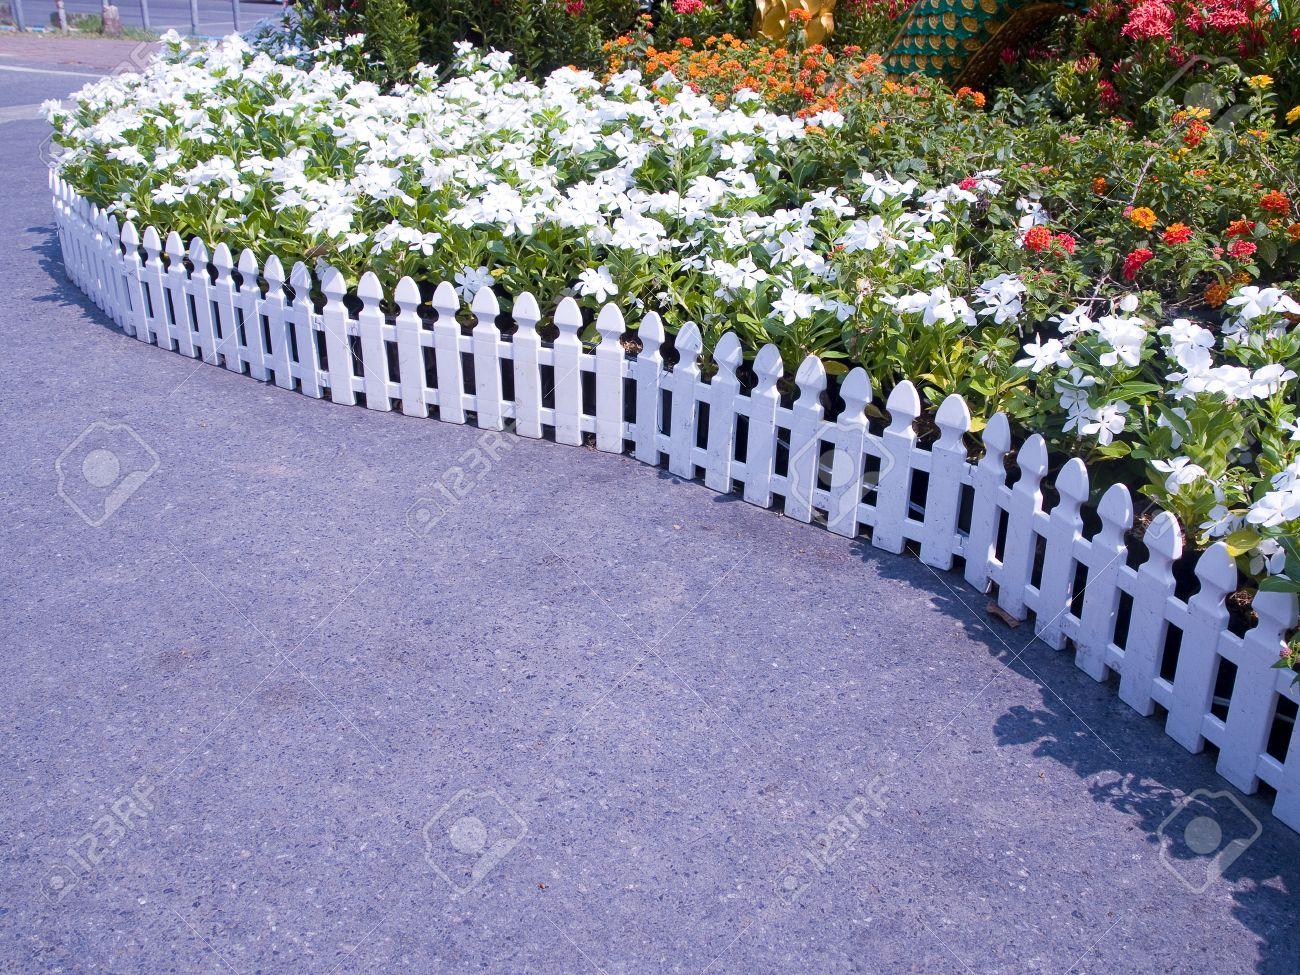 Piante Per Recinzioni Giardino.Immagini Stock Un Piccolo Giardino E Decorato Da Piante Di Fiori